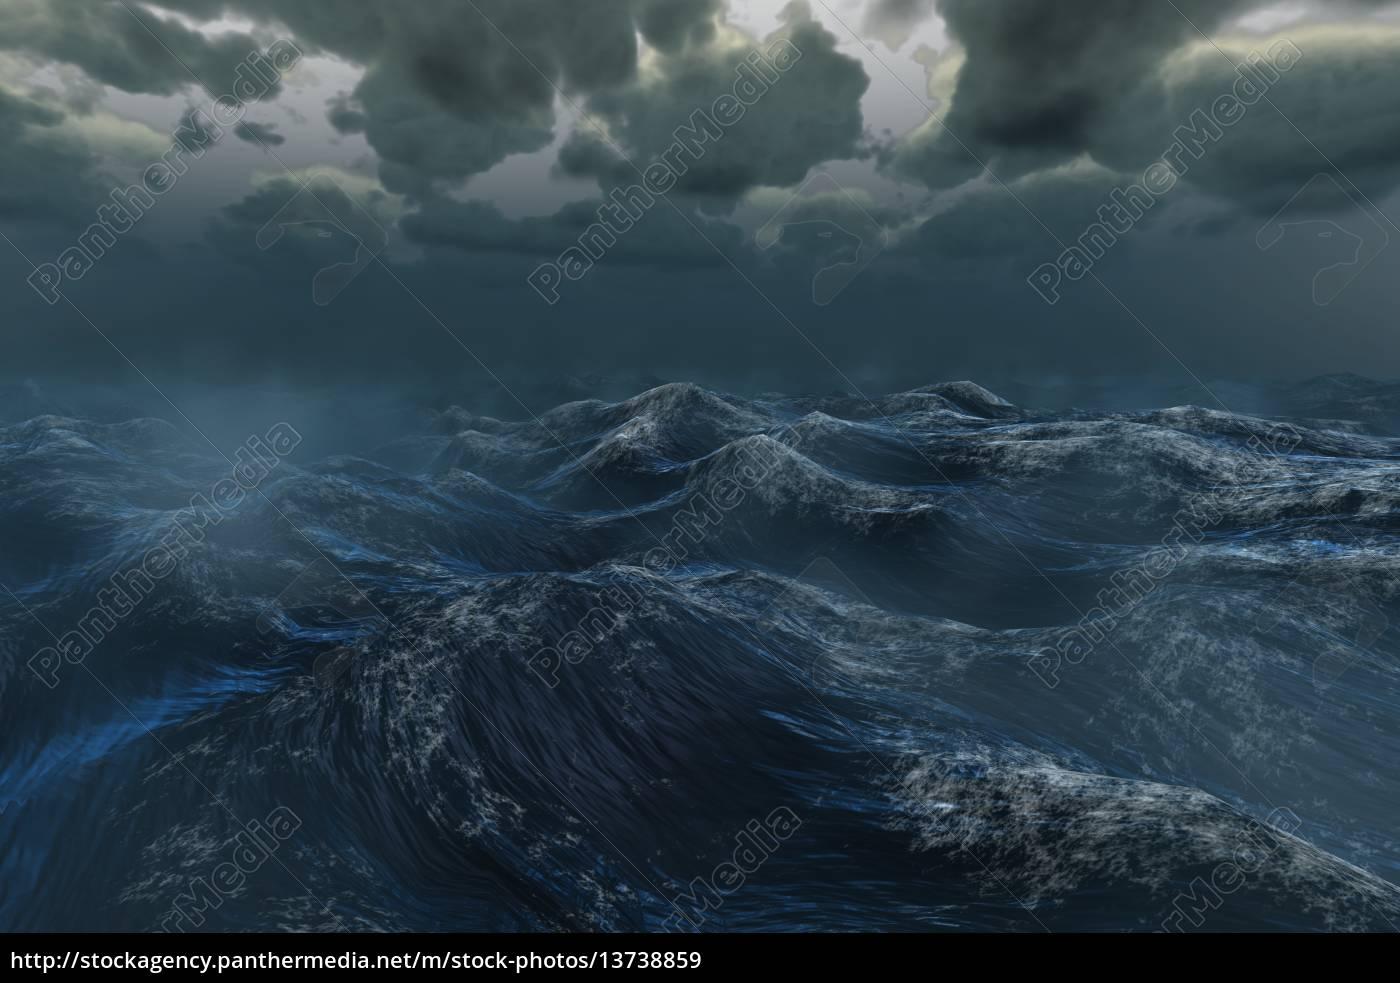 rough, stormy, ocean, under, dark, sky - 13738859